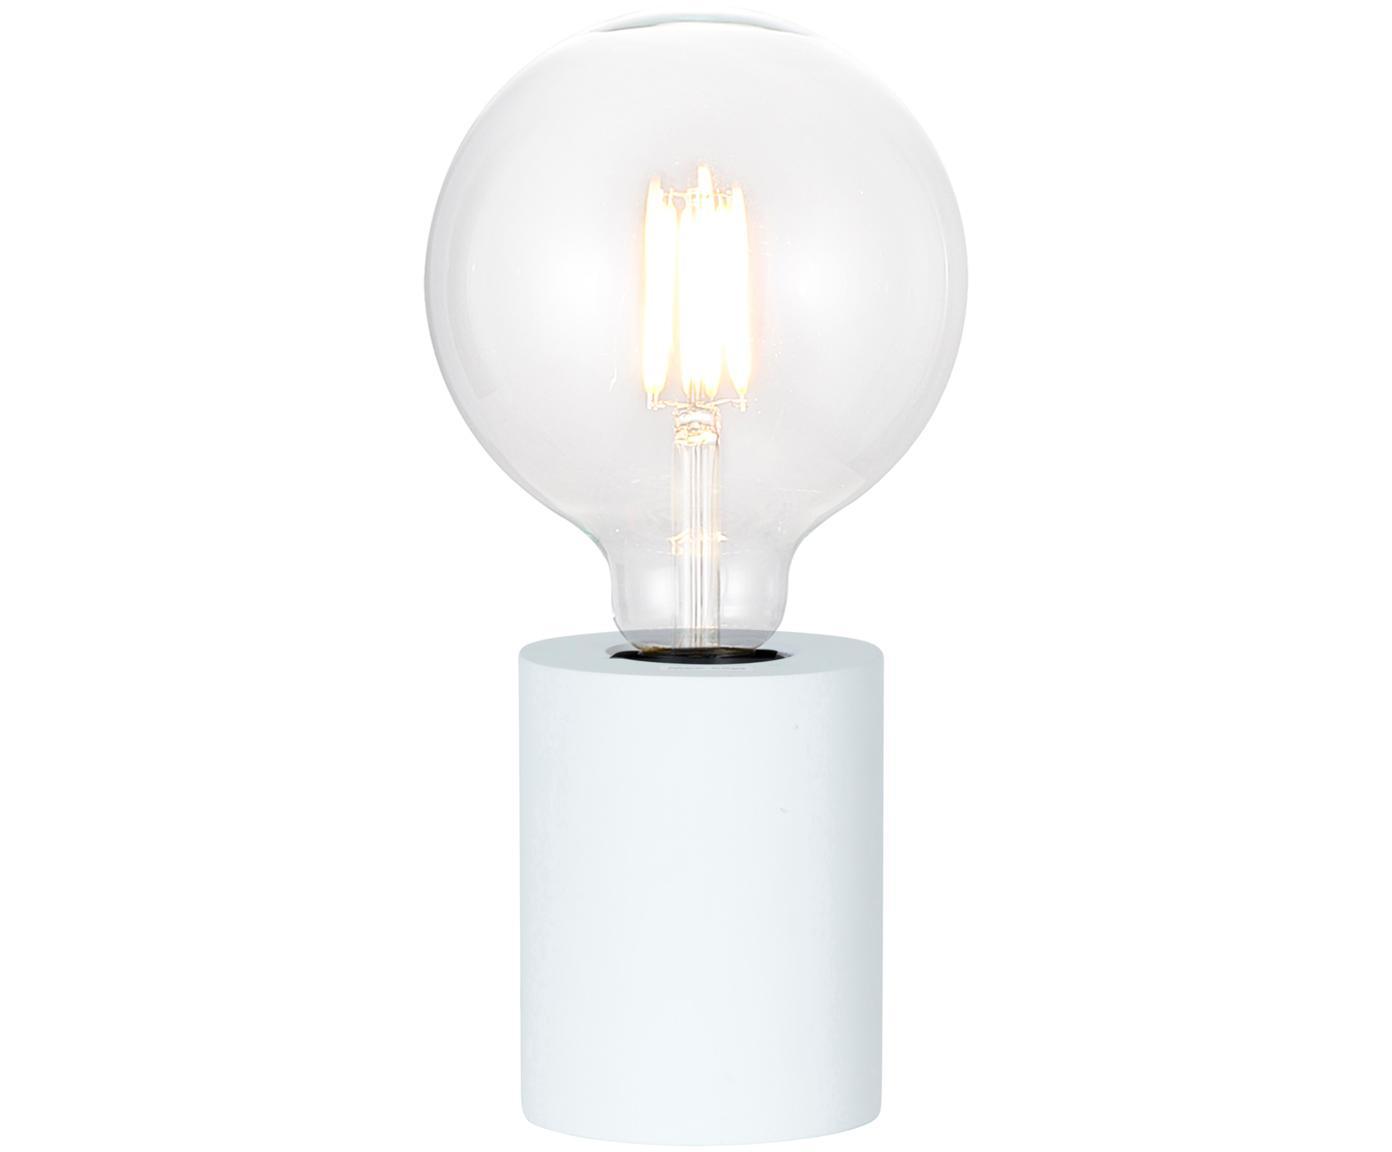 Kleine Tischlampe Tub aus Holz, Lampenfuß: Holz, beschichtet, Weiß, Ø 8 x H 10 cm